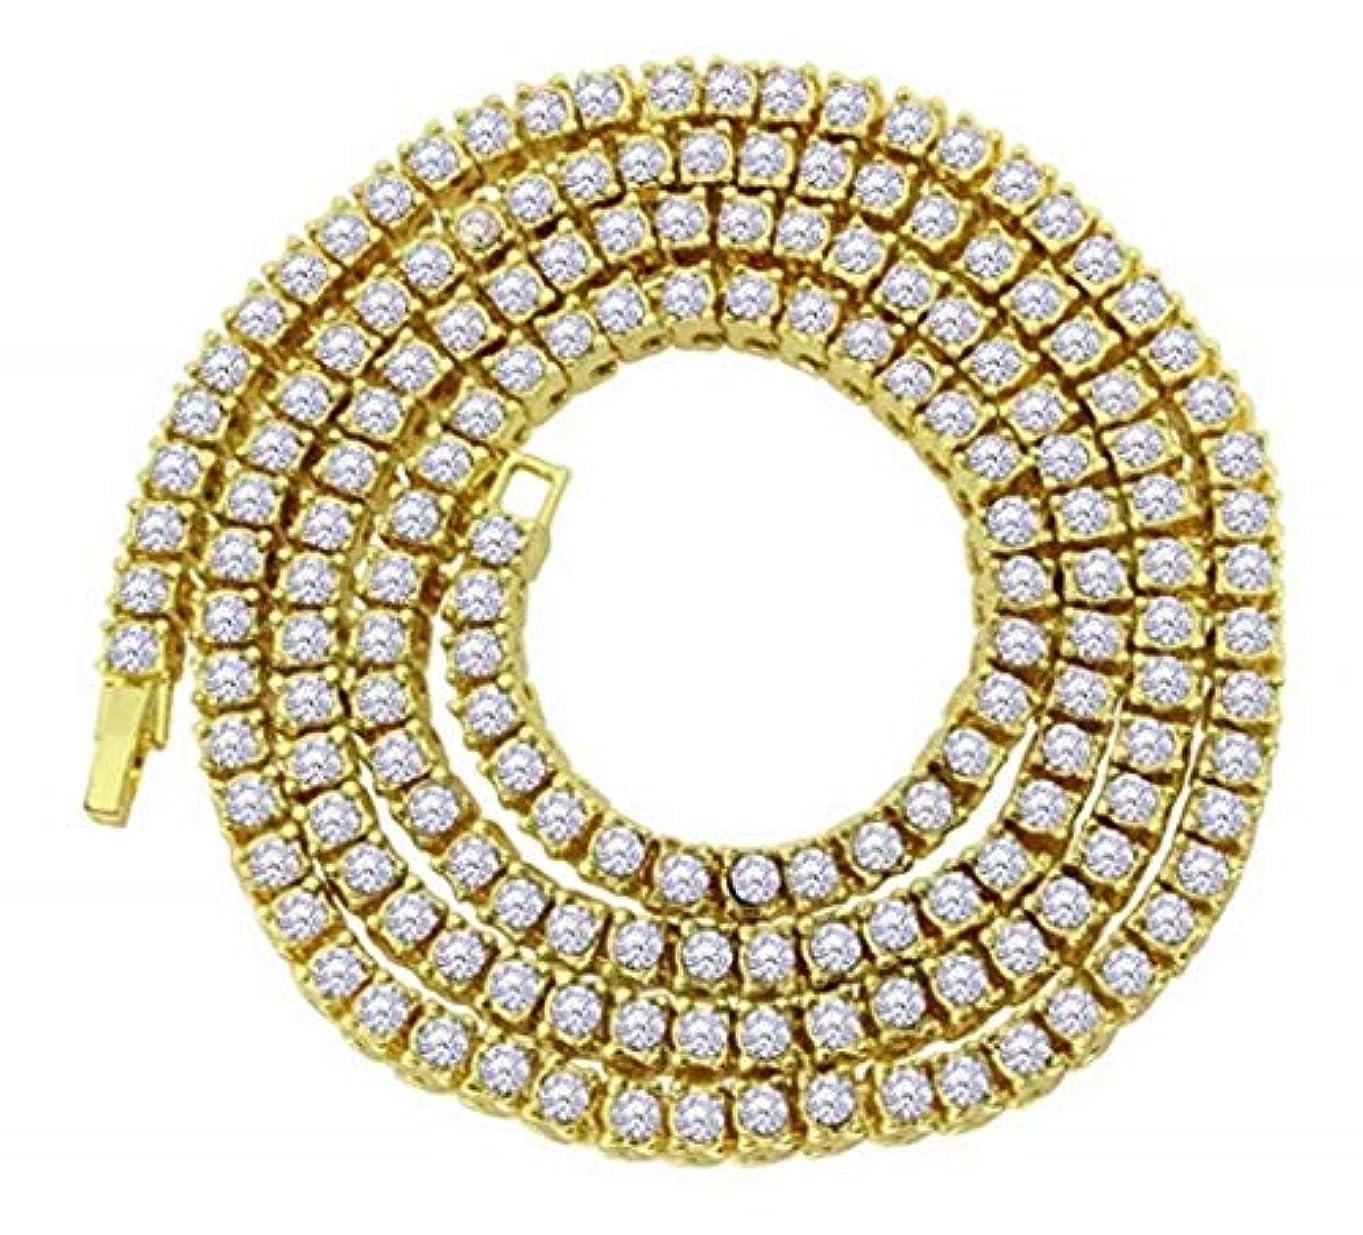 ハム強います動詞七里の香 18 Kゴールドメッキ1行 ダイヤモンド アイスアウト チェーンマクロ CZヒップホップテニスネックレス ゴールド